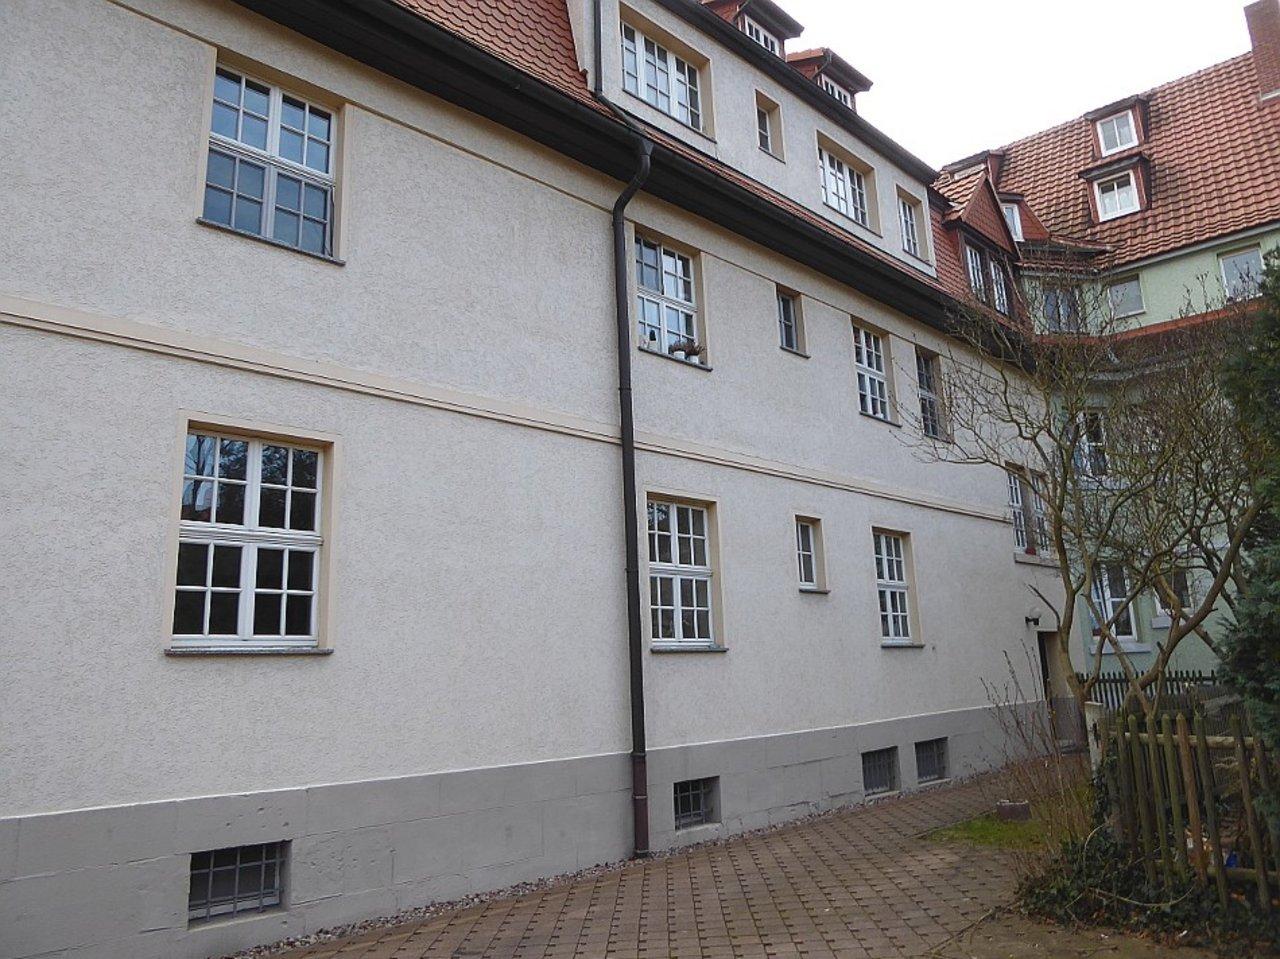 Praktische, moderne 3-Zimmerwohnung nahe dem Stadtzentrum-Haus -Rückseite